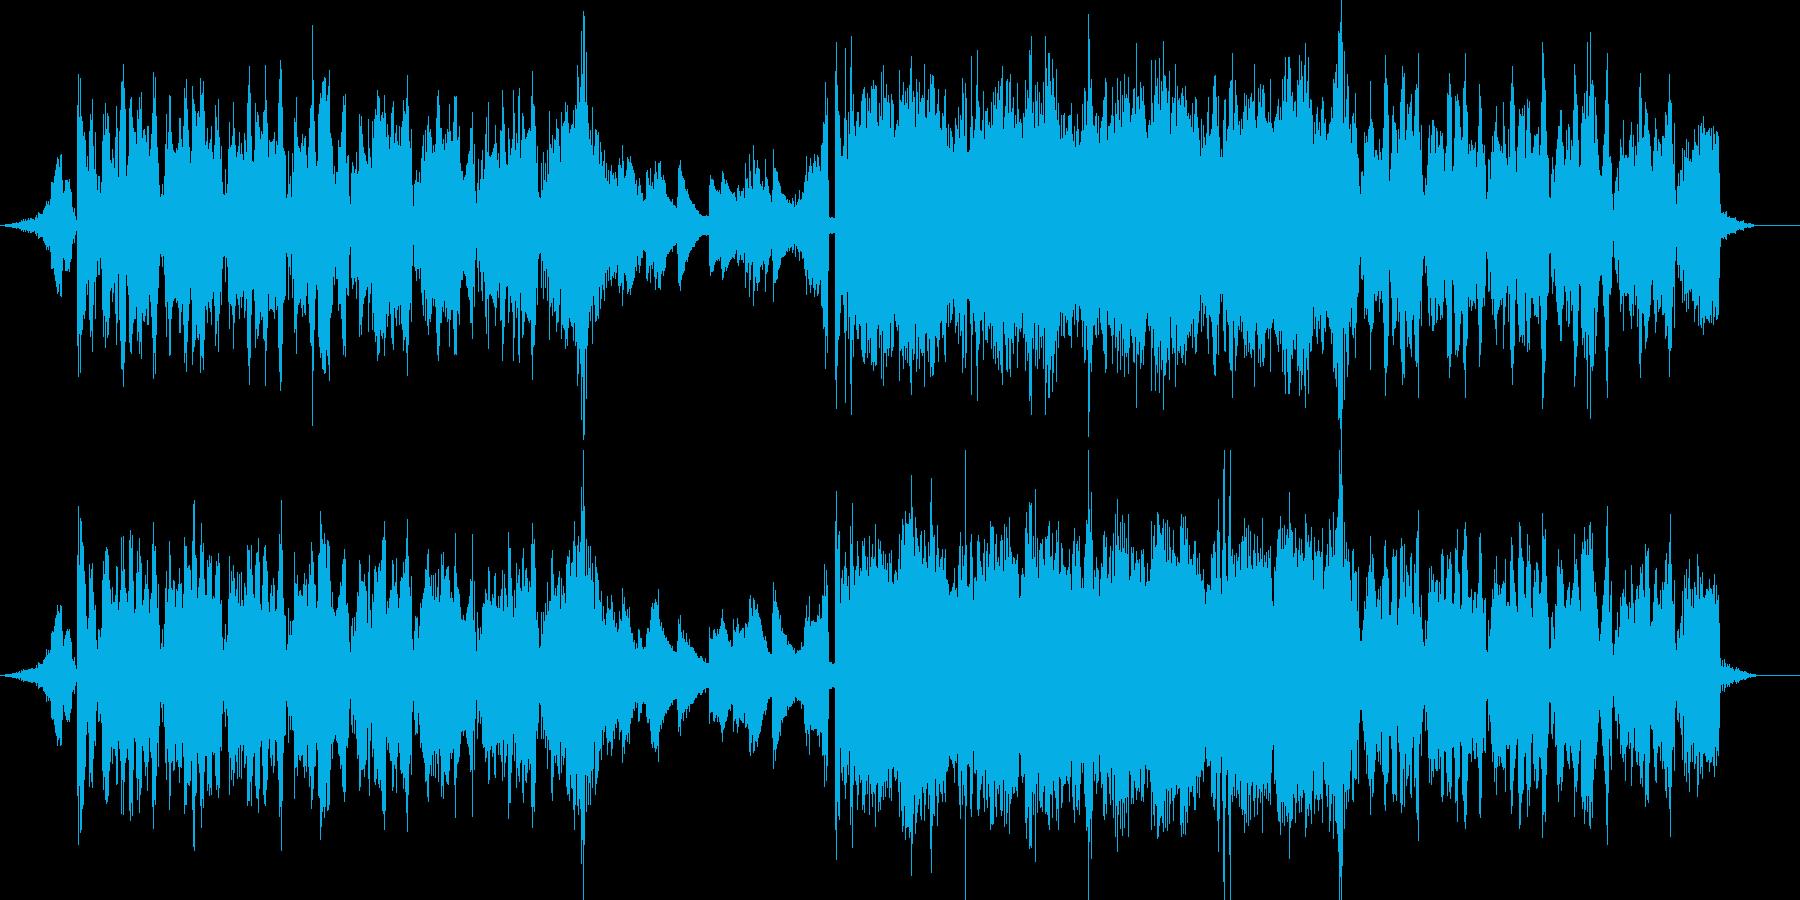 暗い雰囲気のEDMの再生済みの波形